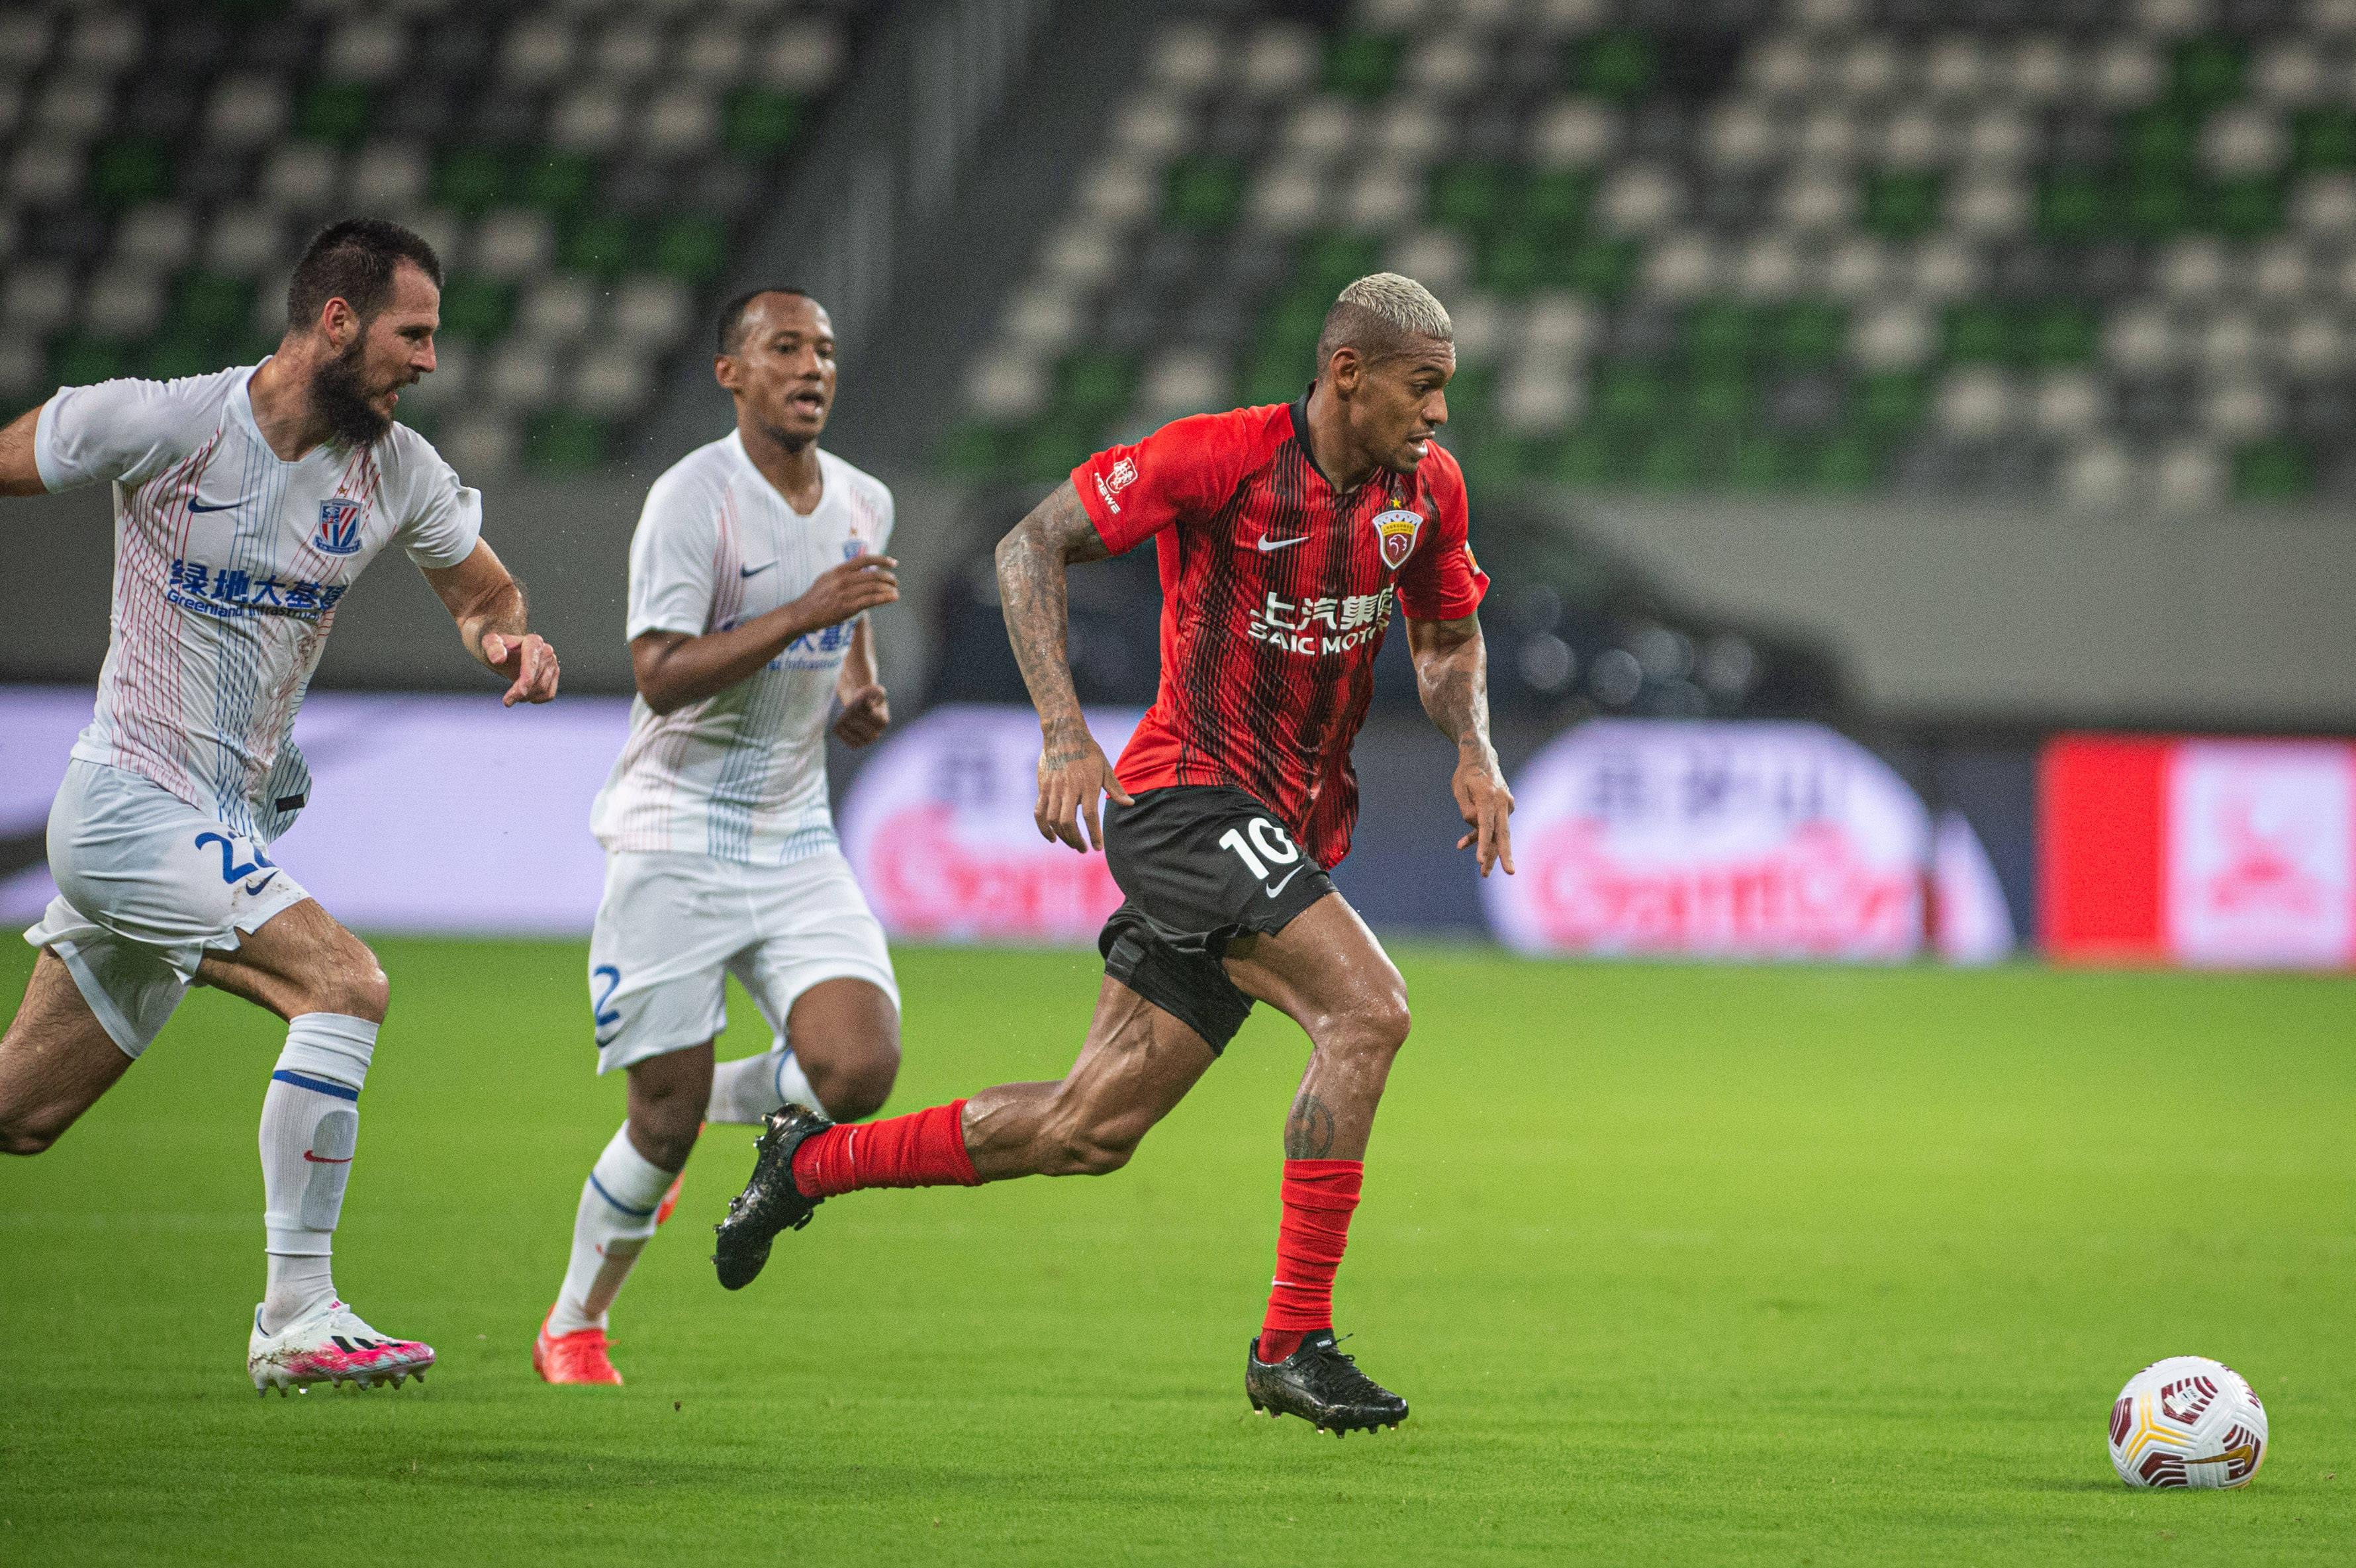 上海海港官宣外援洛佩斯重伤 赛季报销将返回巴西手术